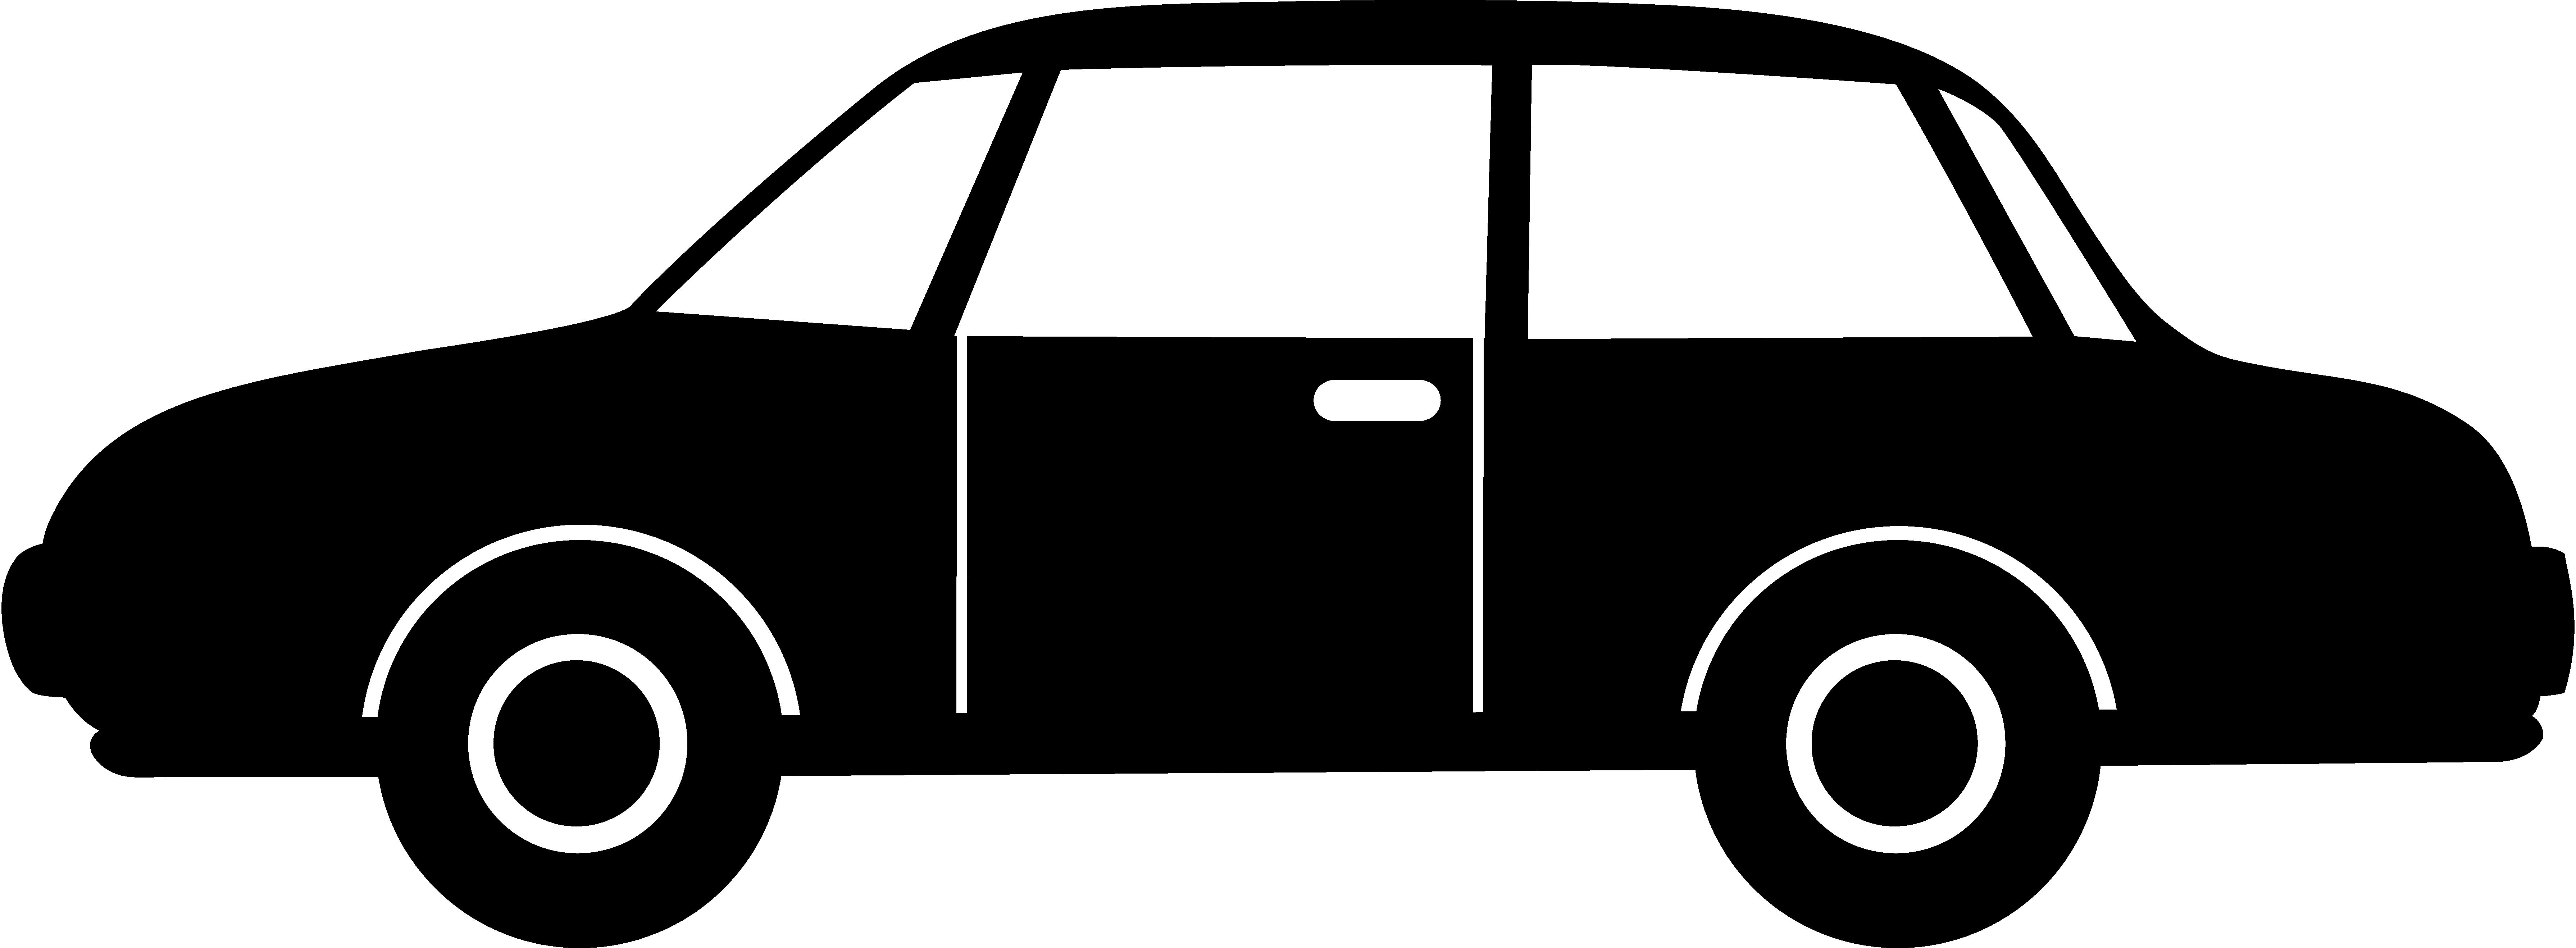 Car Clipart Clipart Free .